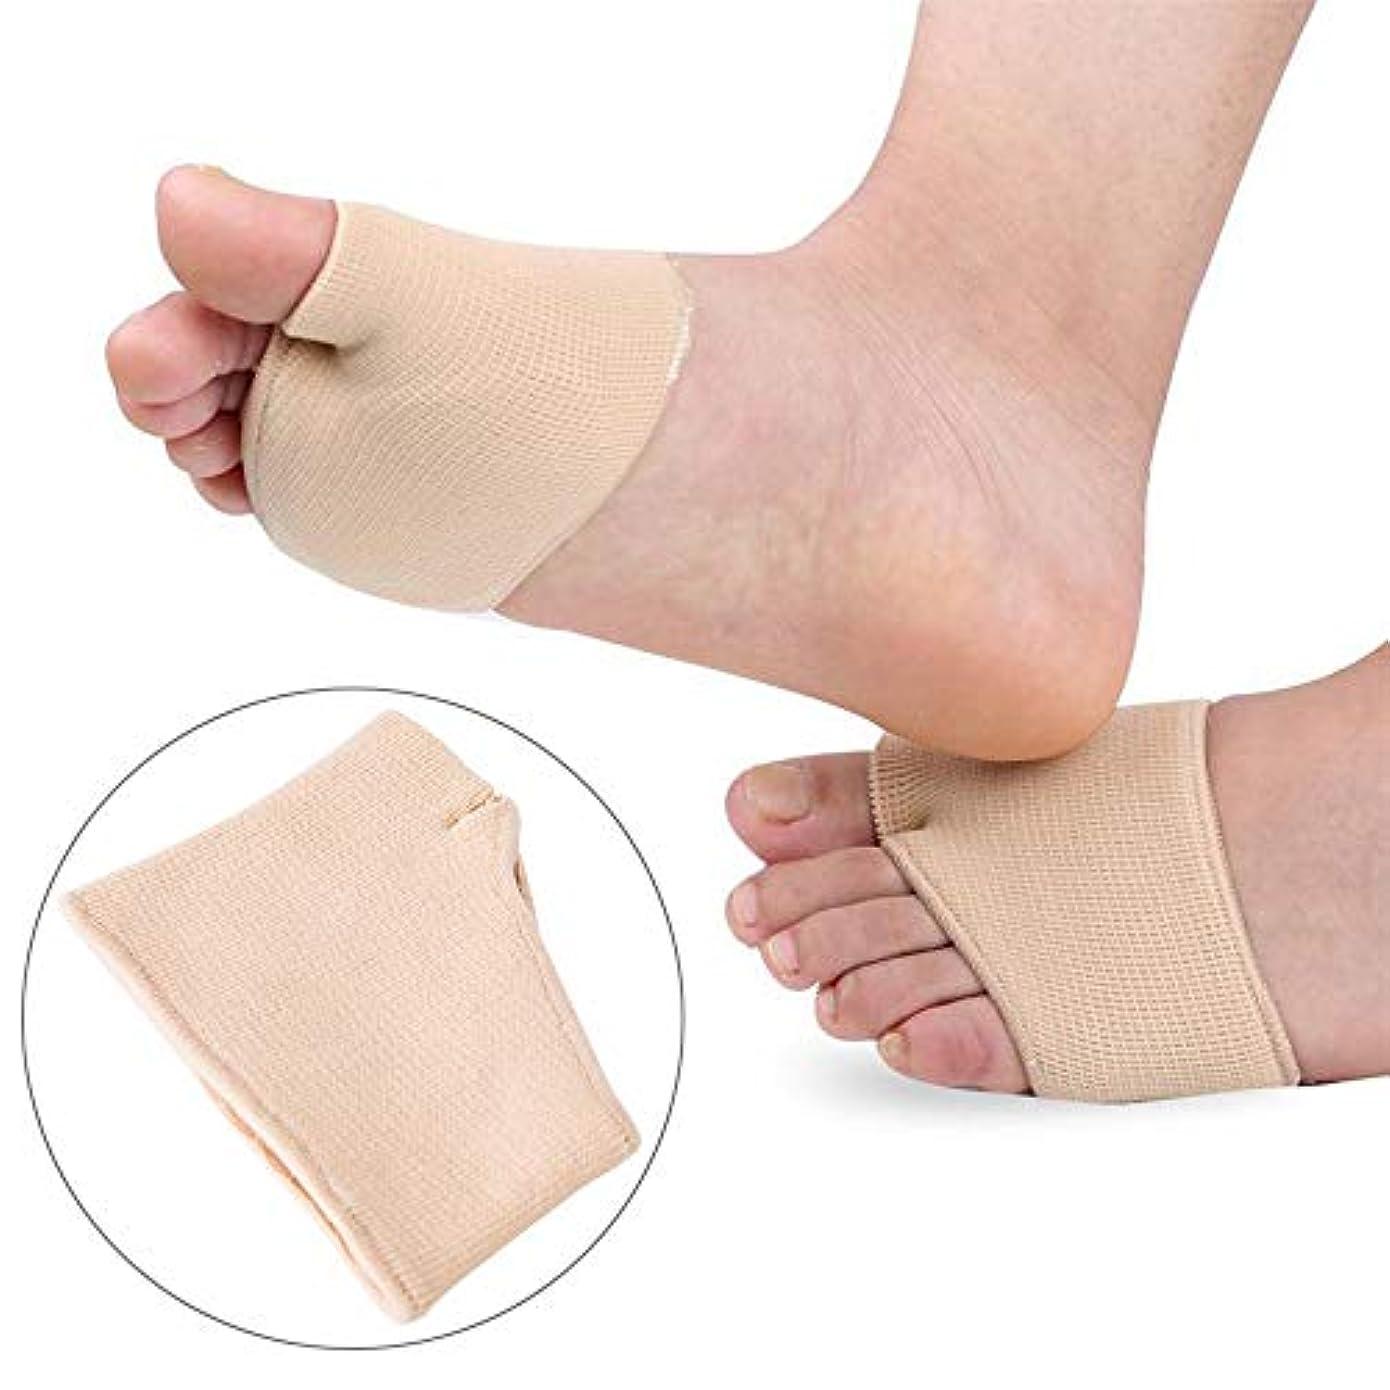 本質的に夜間赤外線2ペア中足クッションシリコーンゲルパッド足の痛み前足靴インソールつま先,S